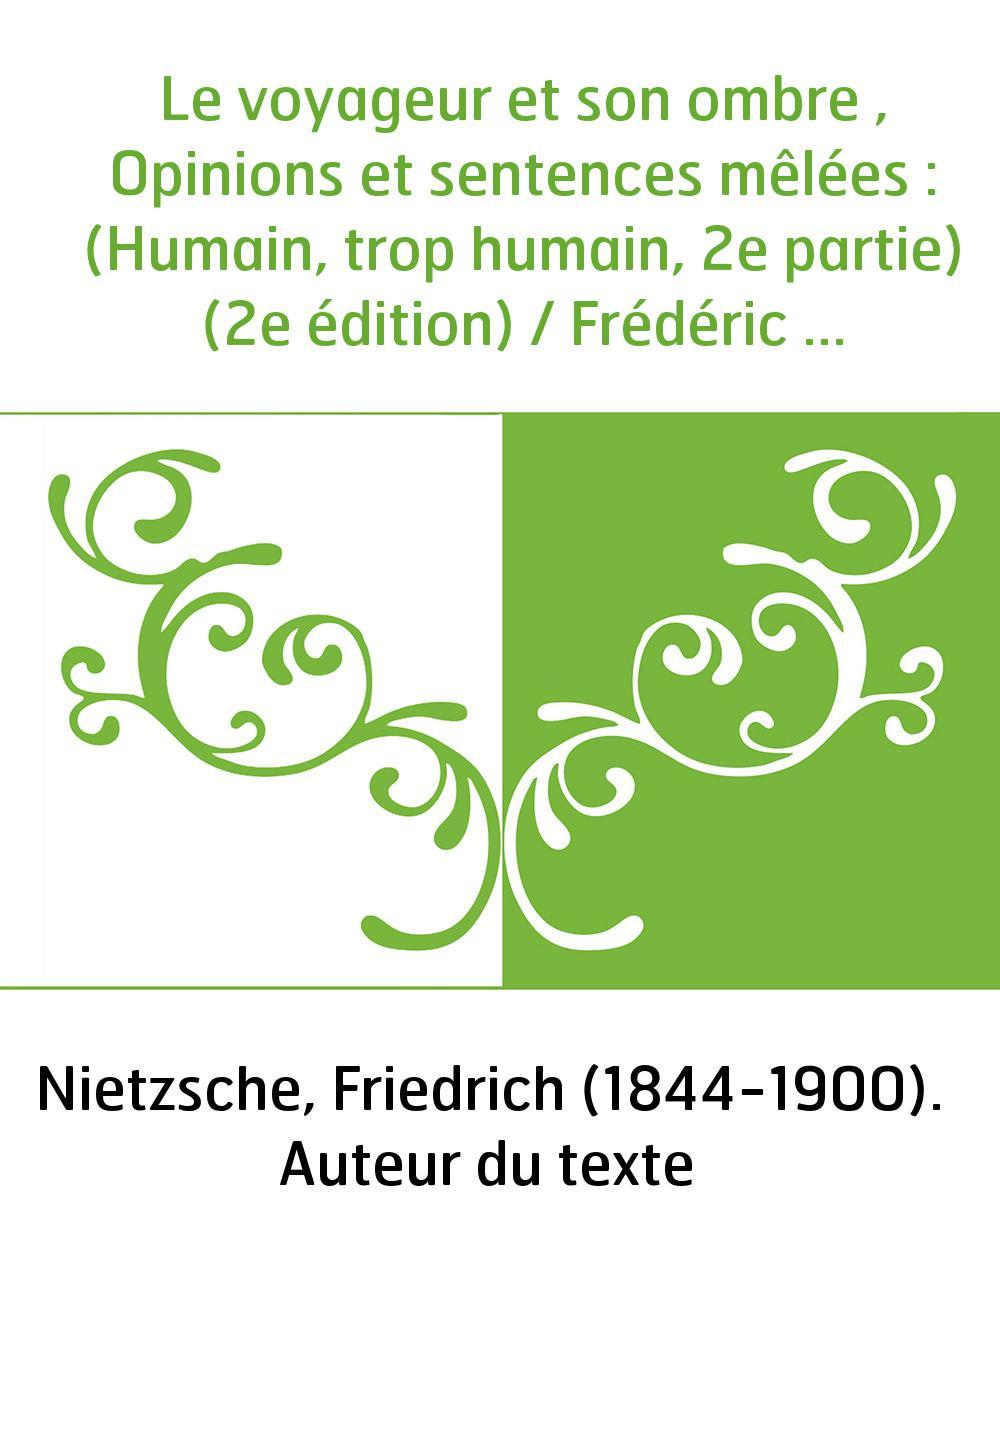 Le voyageur et son ombre , Opinions et sentences mêlées : (Humain, trop humain, 2e partie) (2e édition) / Frédéric Nietzsche , t